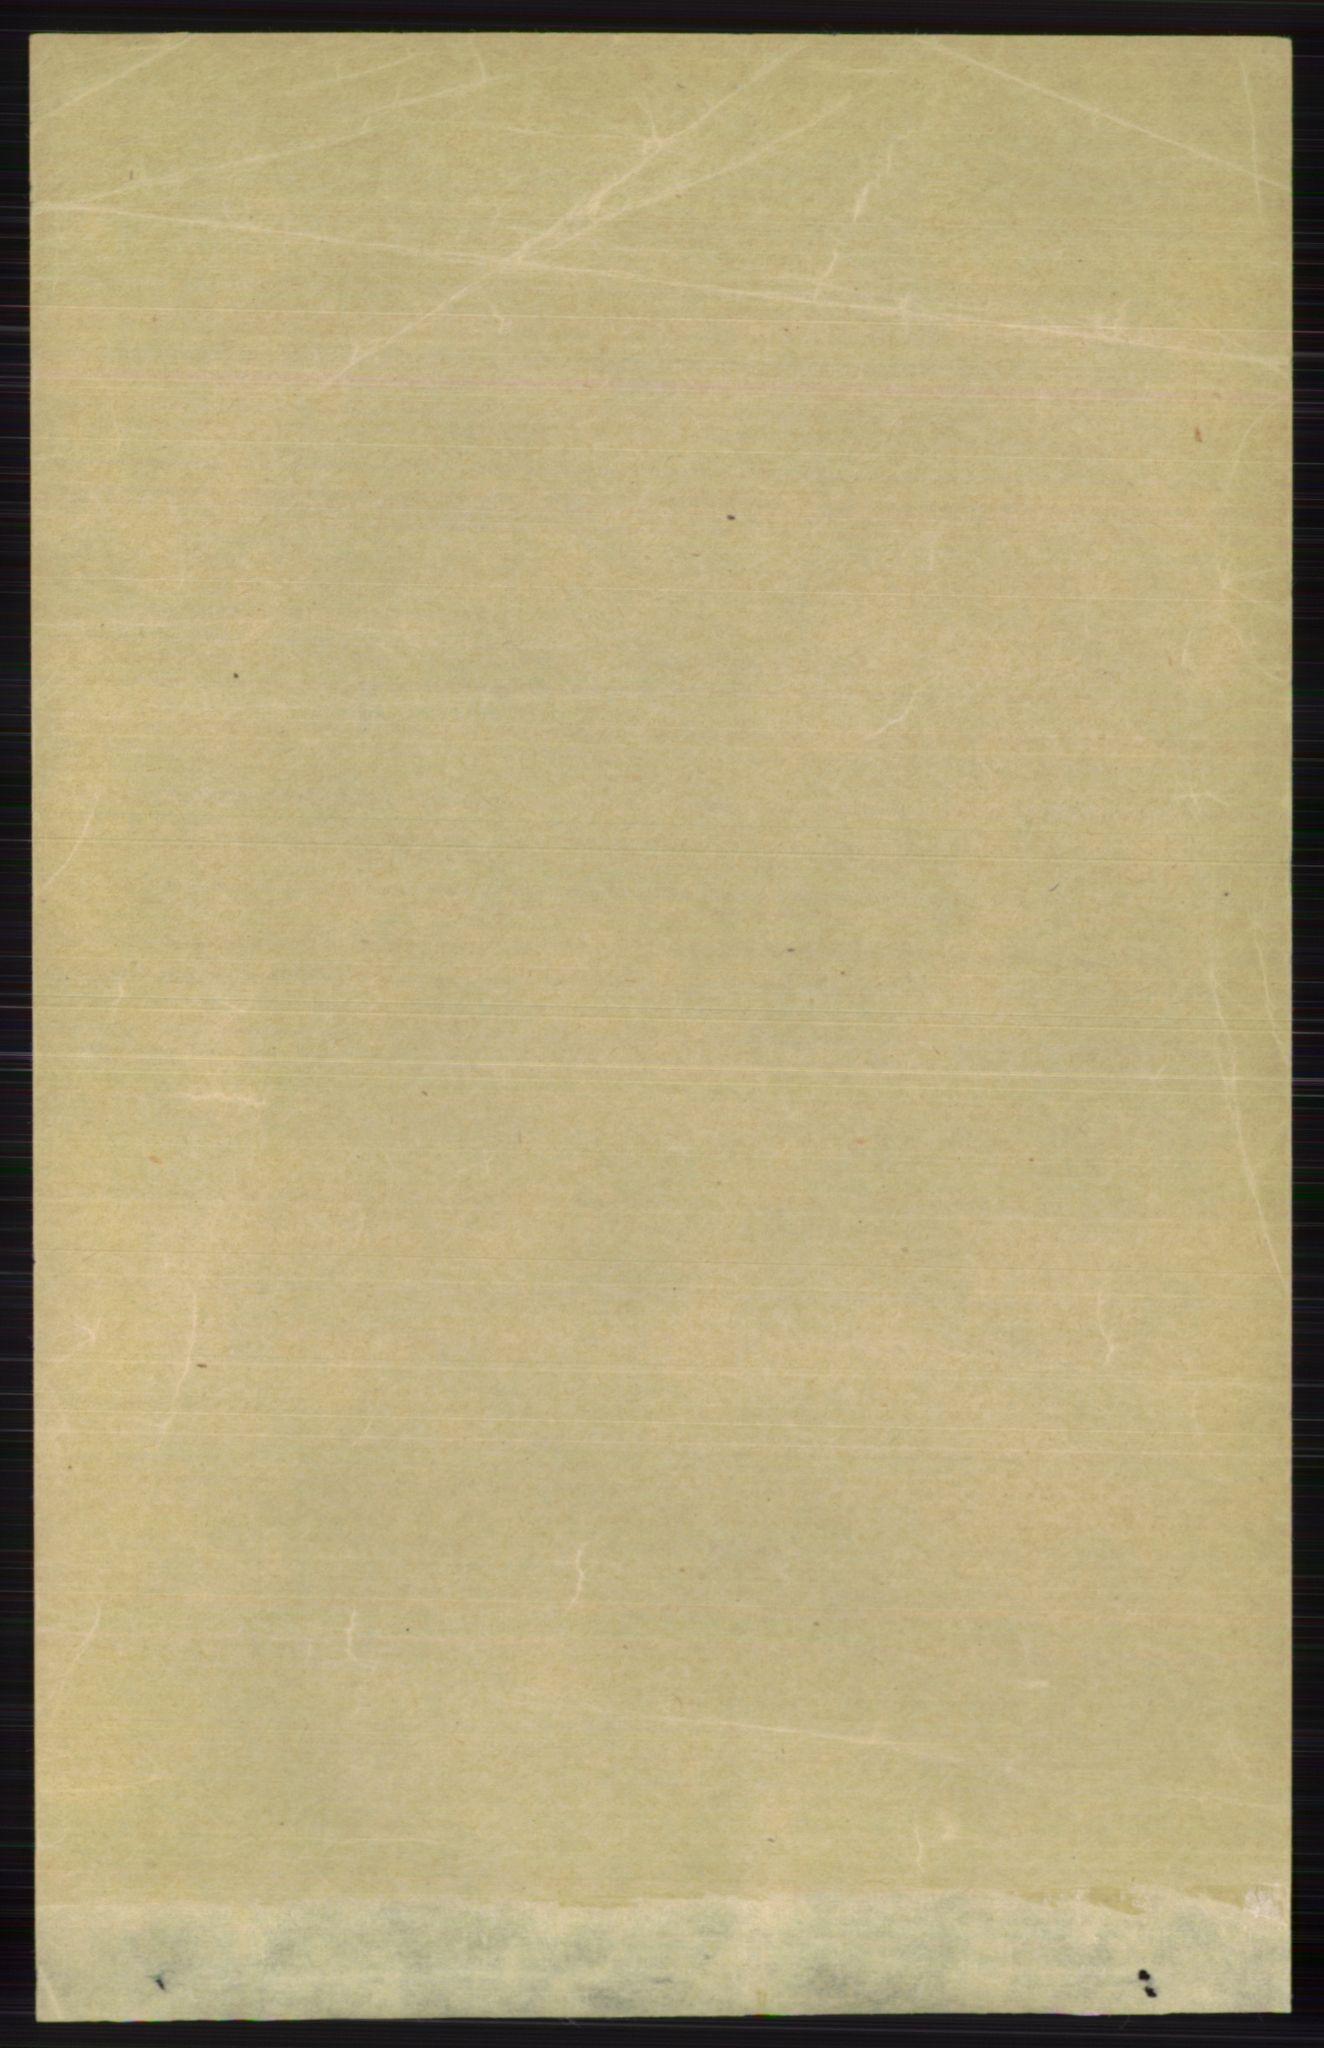 RA, Folketelling 1891 for 0727 Hedrum herred, 1891, s. 366